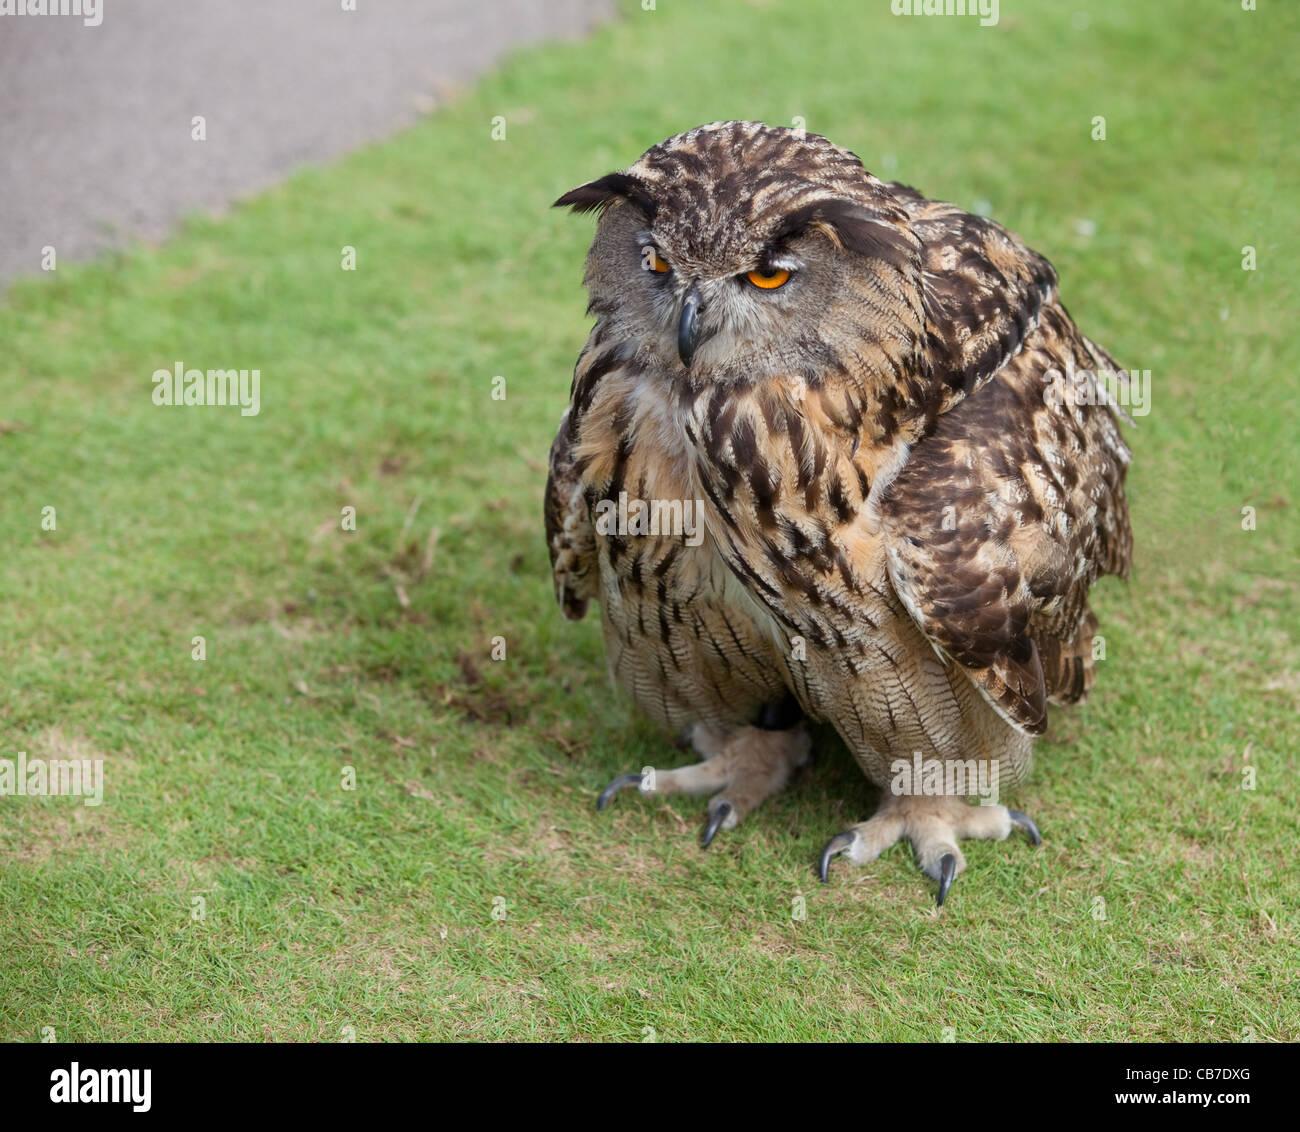 I Hate Mornings! A European Eagle Owl with ruffled ... Ruffled Feathers